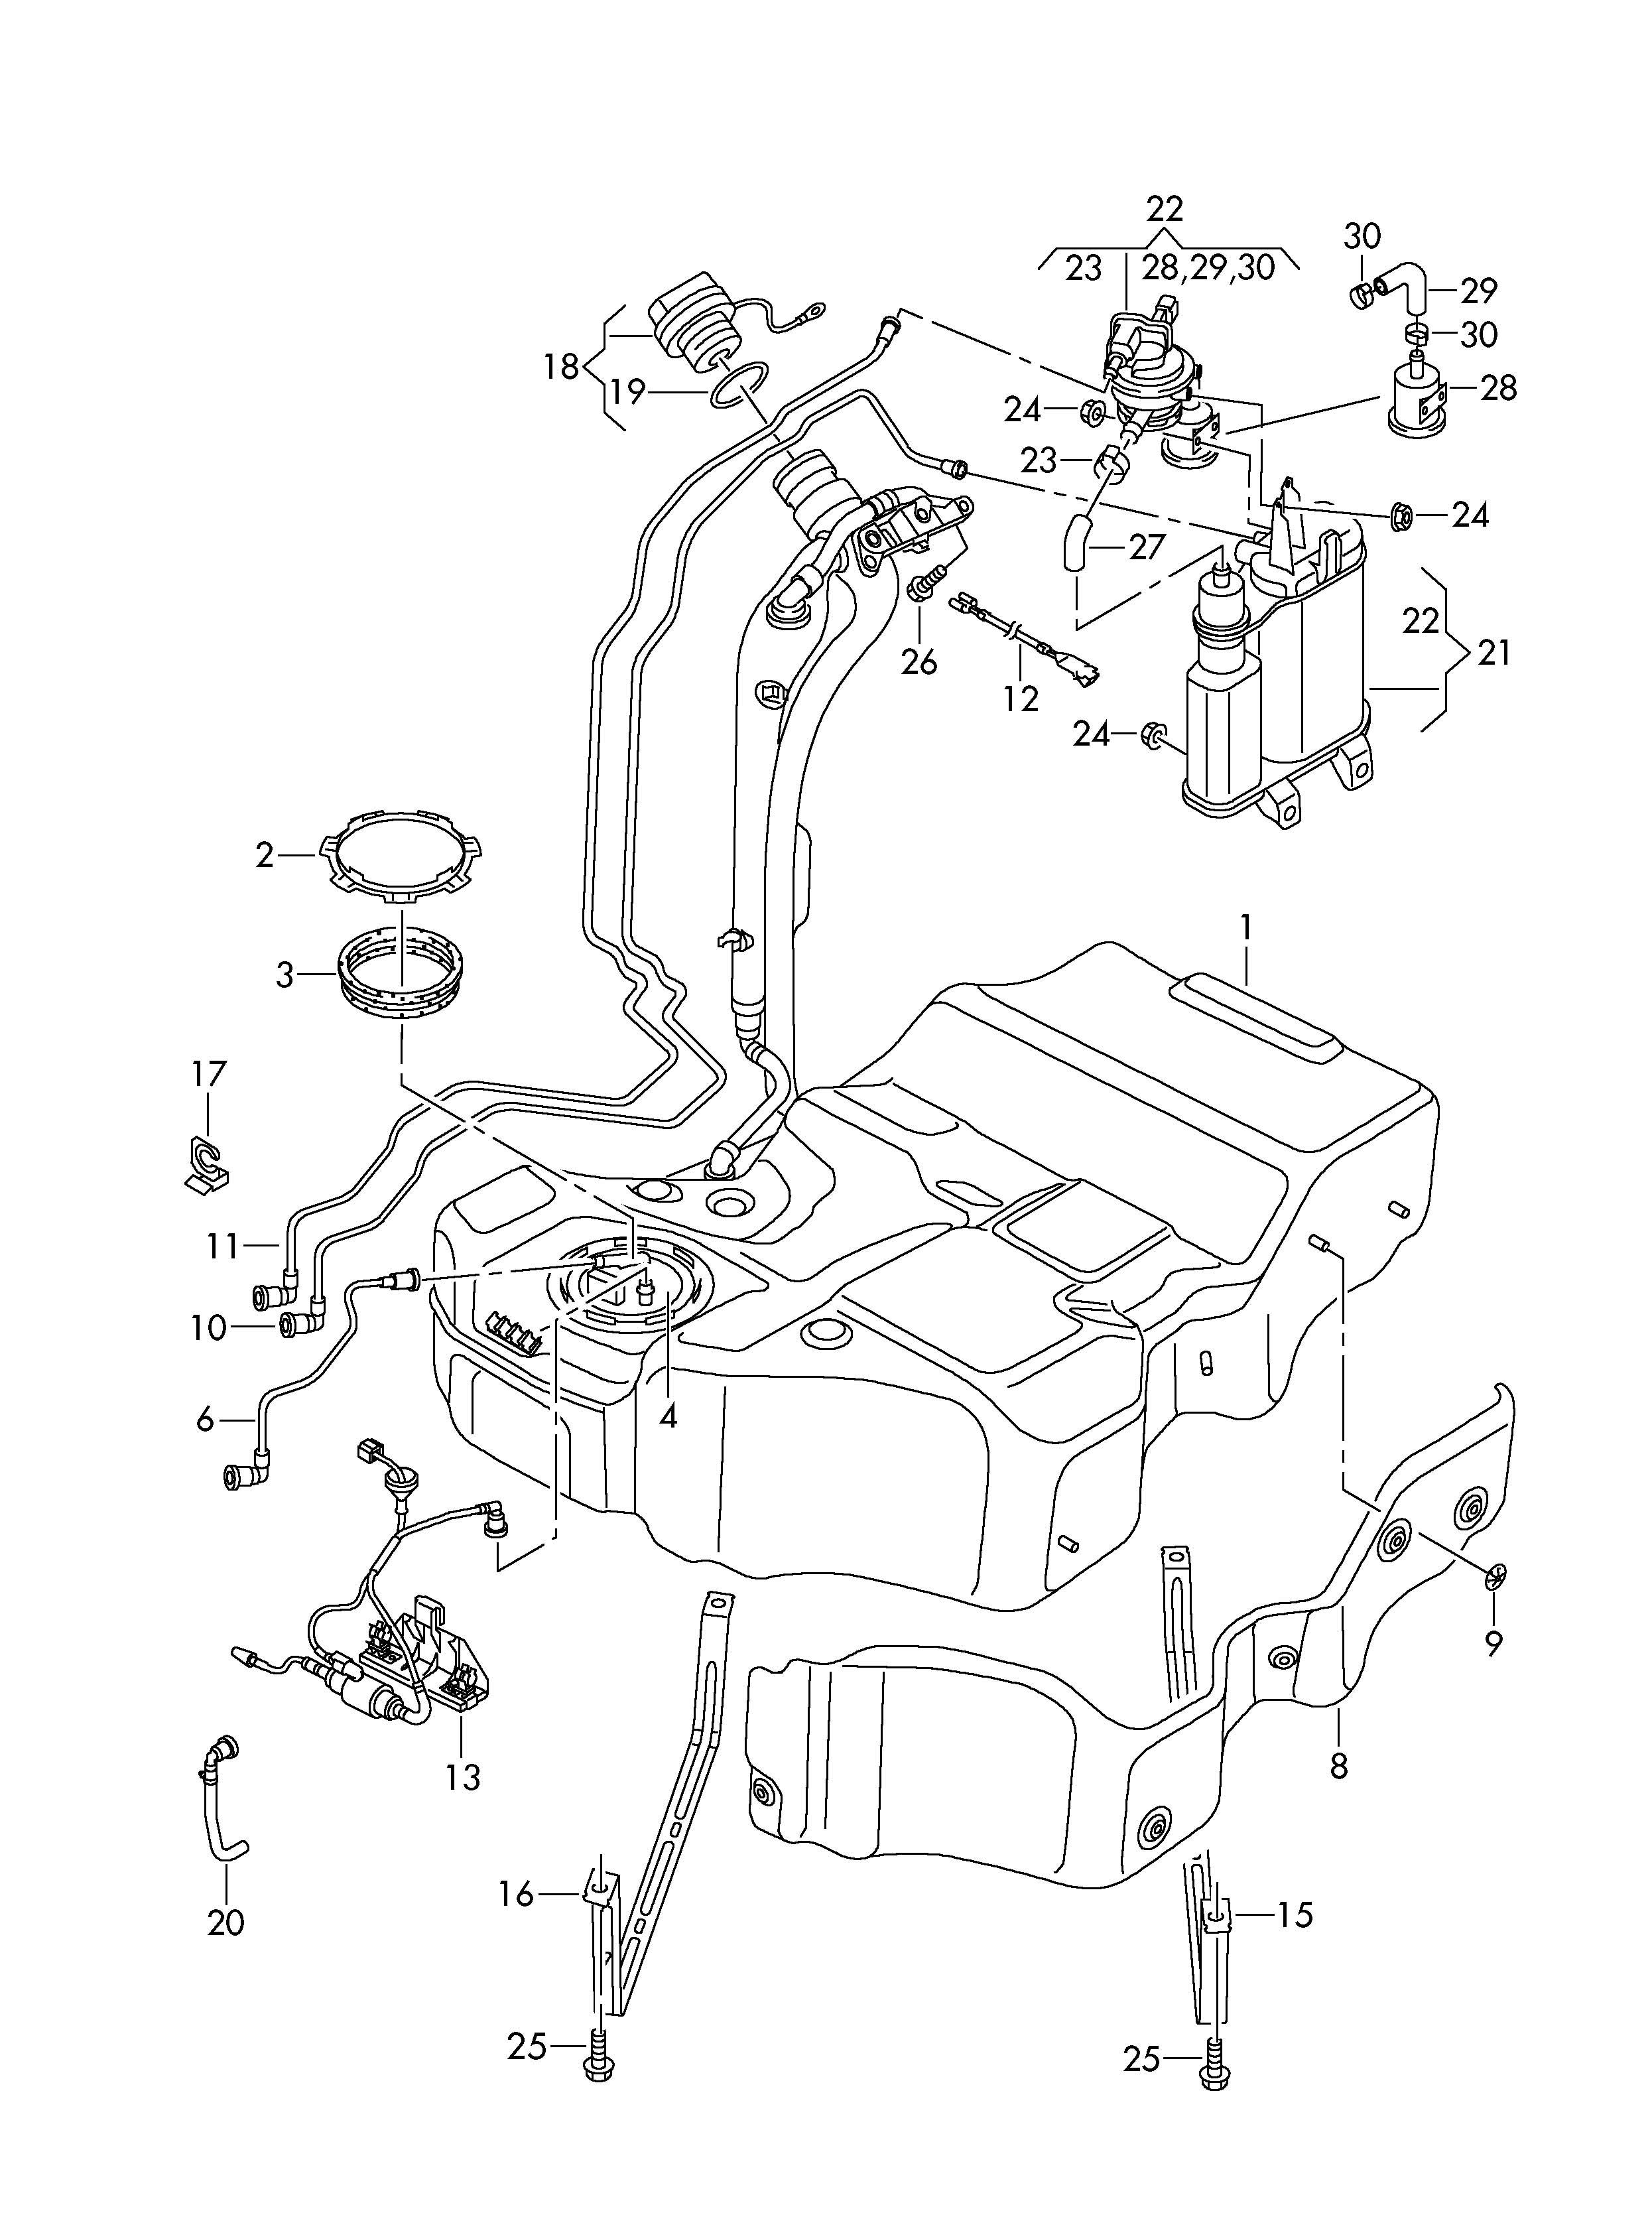 Volkswagen Passat Leak Pump Detection Evaporative